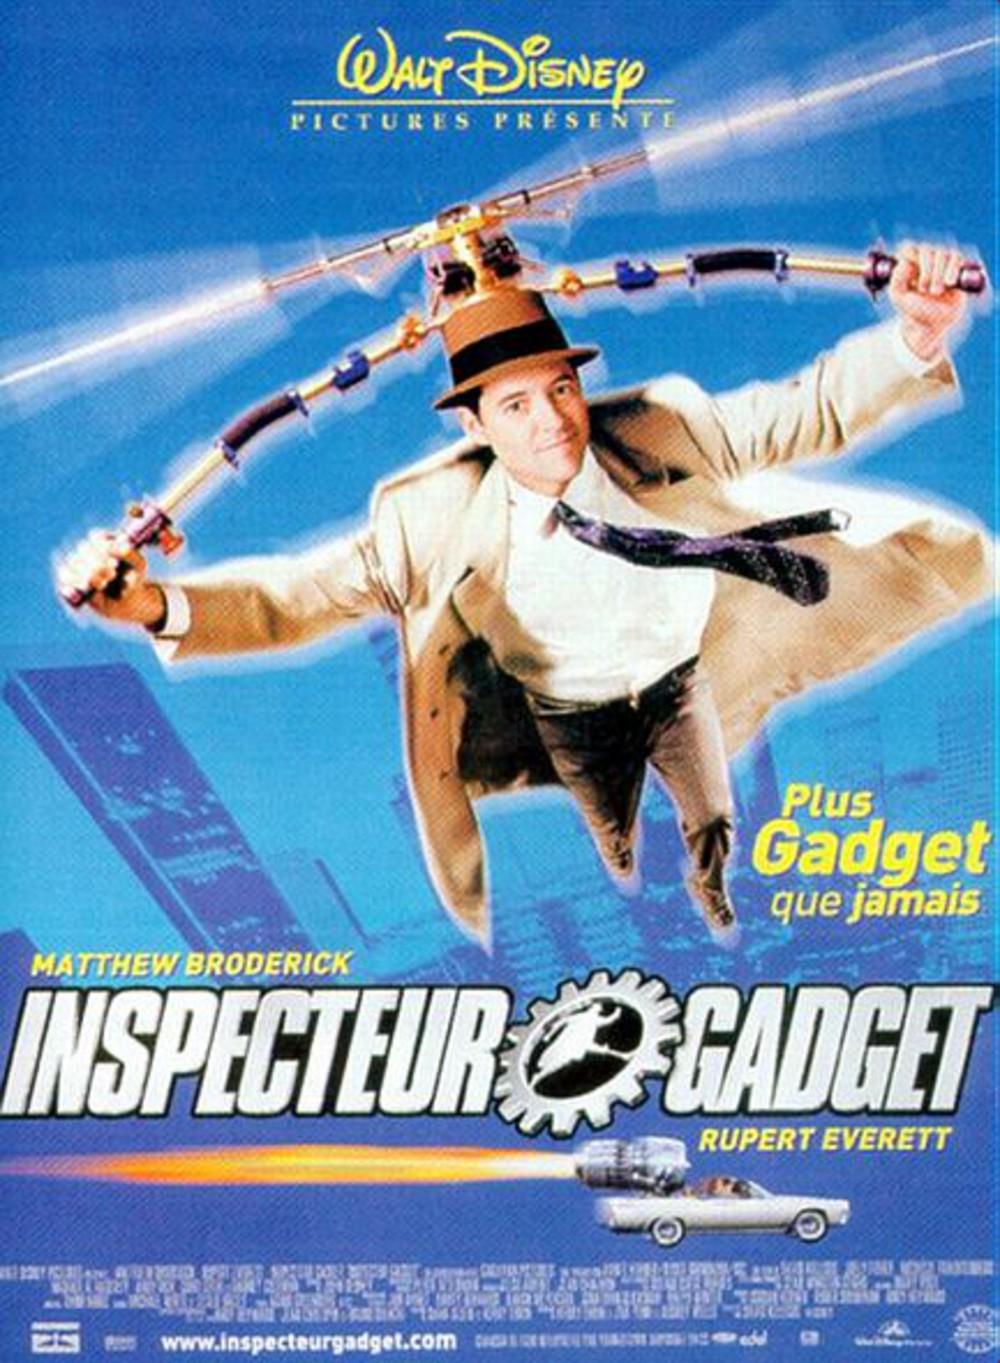 affiche du film Inspecteur Gadget